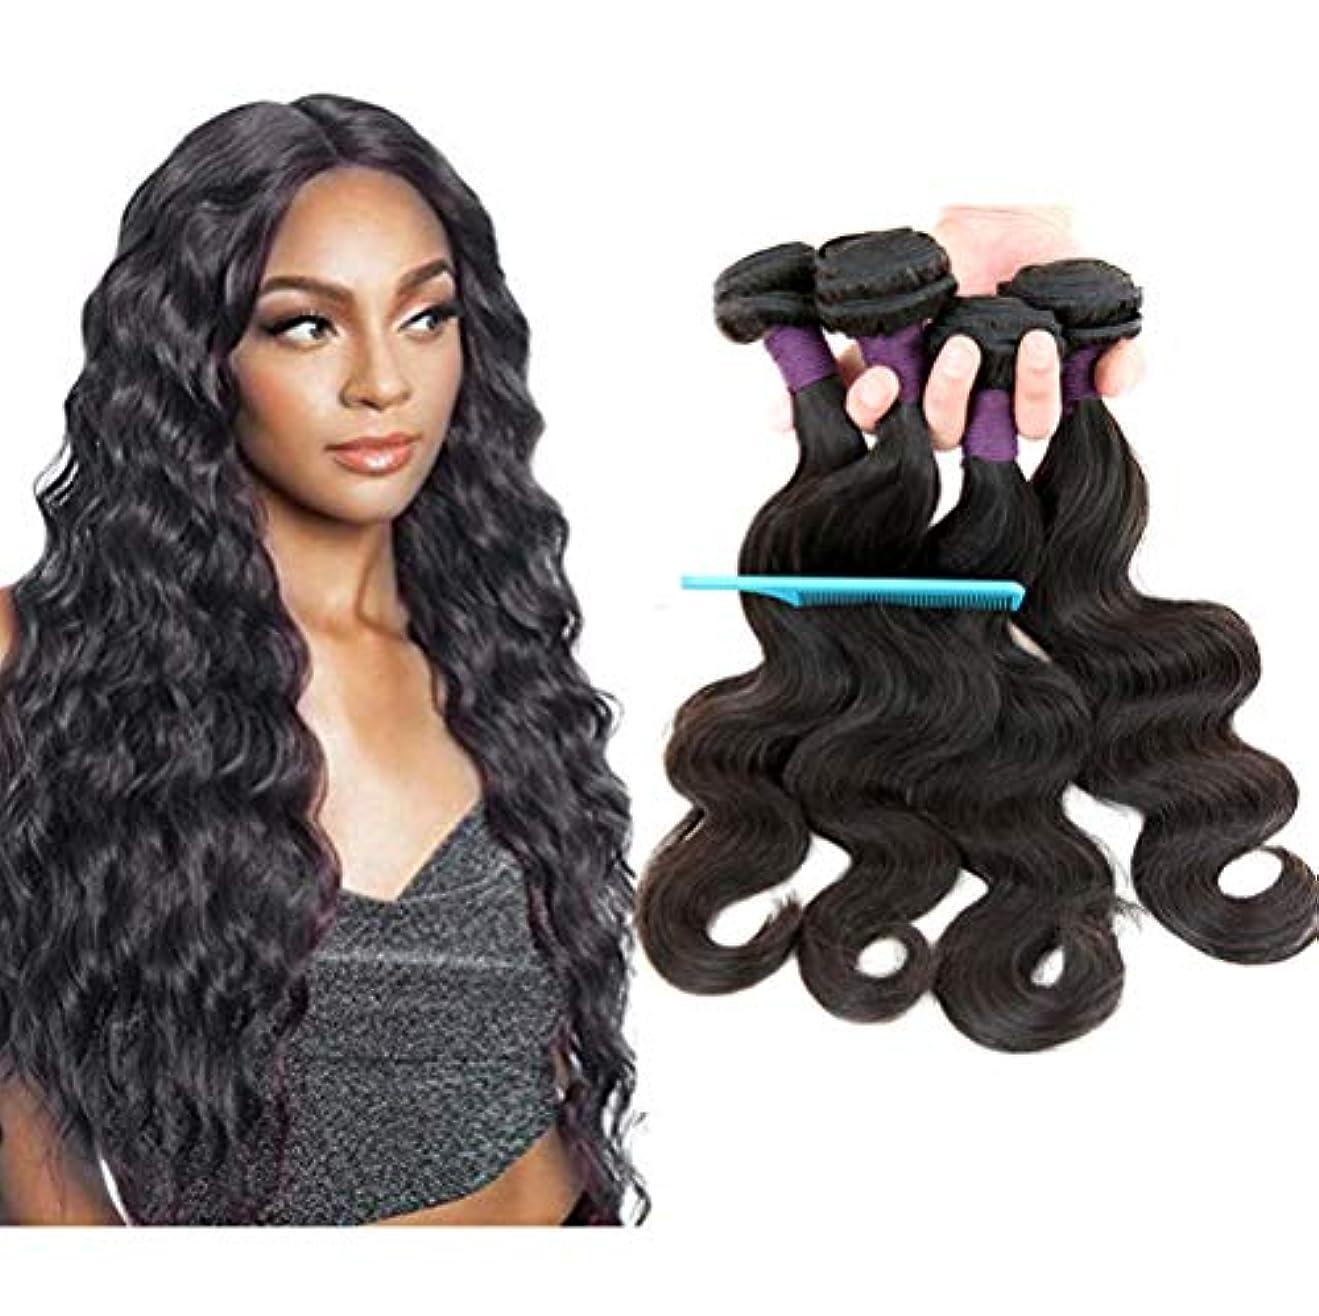 国籍パンチ誕生日10Aブラジル髪織り実体波人間の髪の毛1束で100%未処理のバージン人間の髪の毛